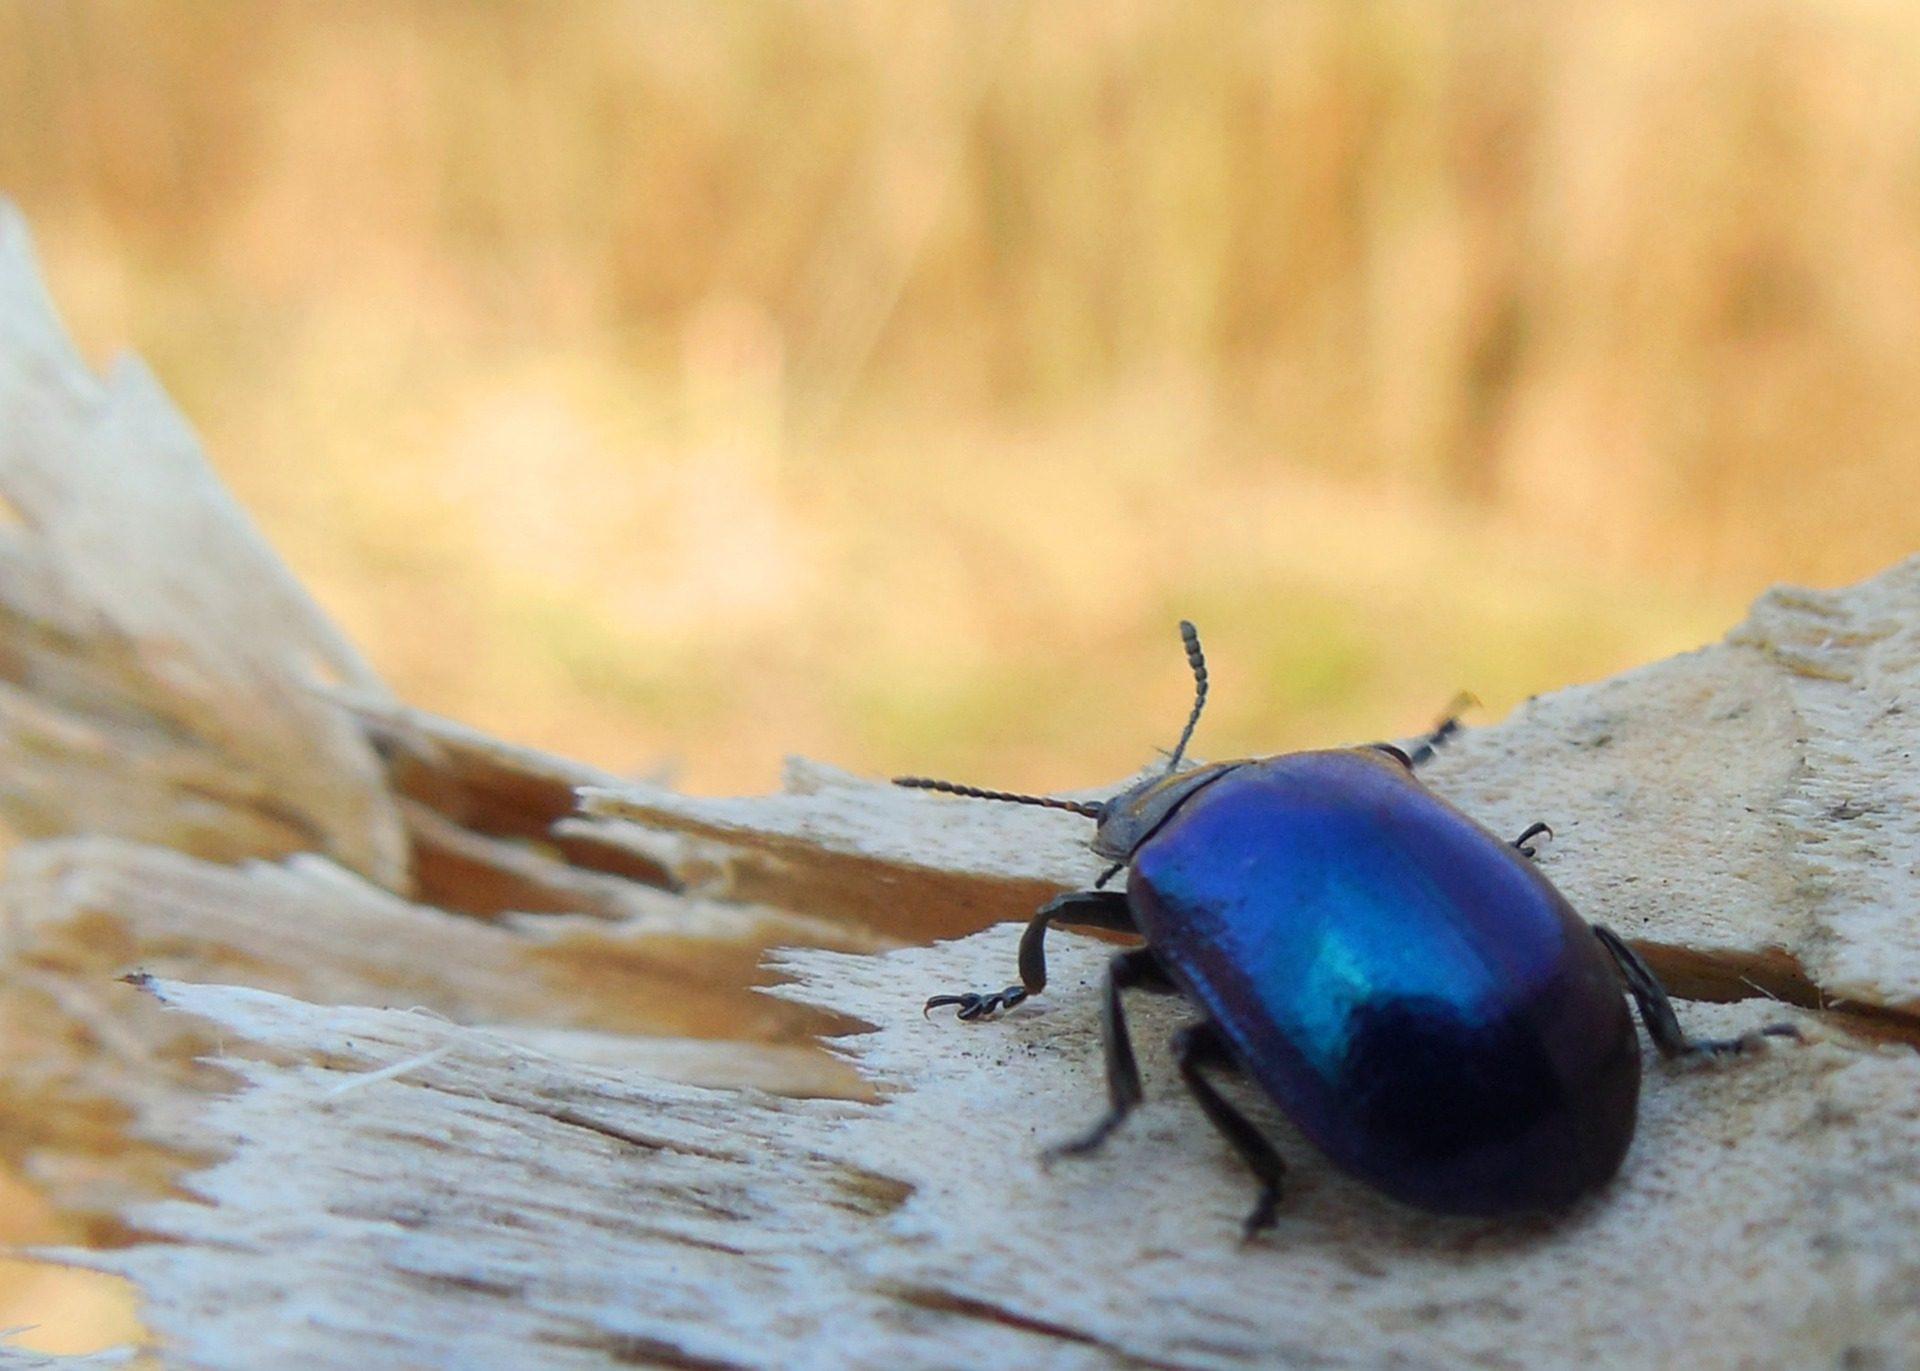 خنفساء, الأزرق, حشرة, الهوائيات, الساقين, الخشب - خلفيات عالية الدقة - أستاذ falken.com